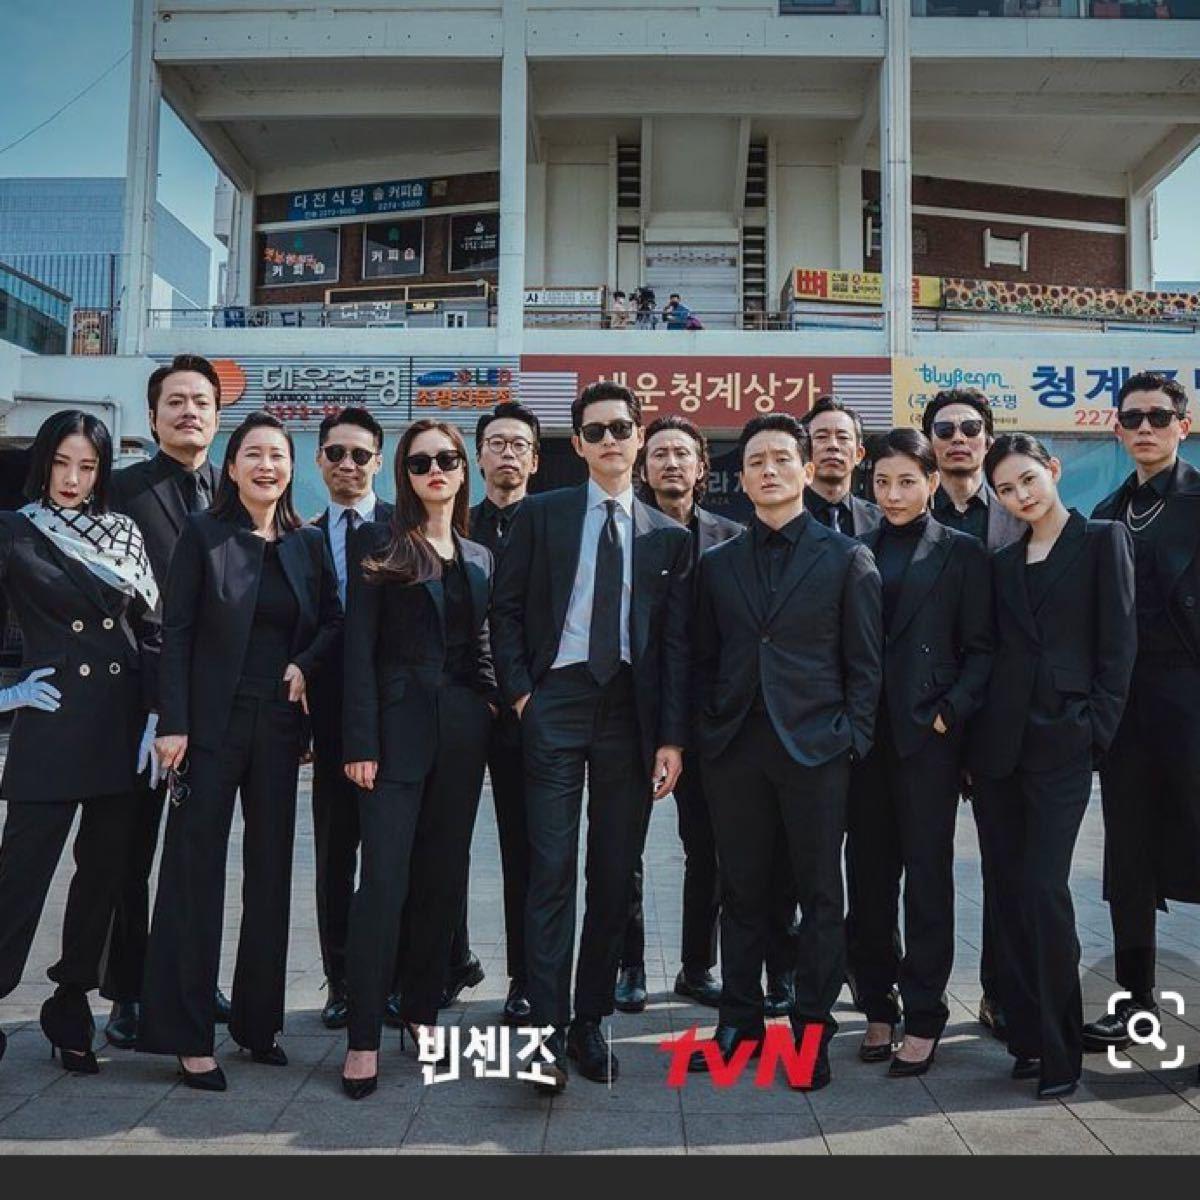 出張十五夜 ヴィンチェンツォ DVD  ソンジュンギ 韓国ドラマ